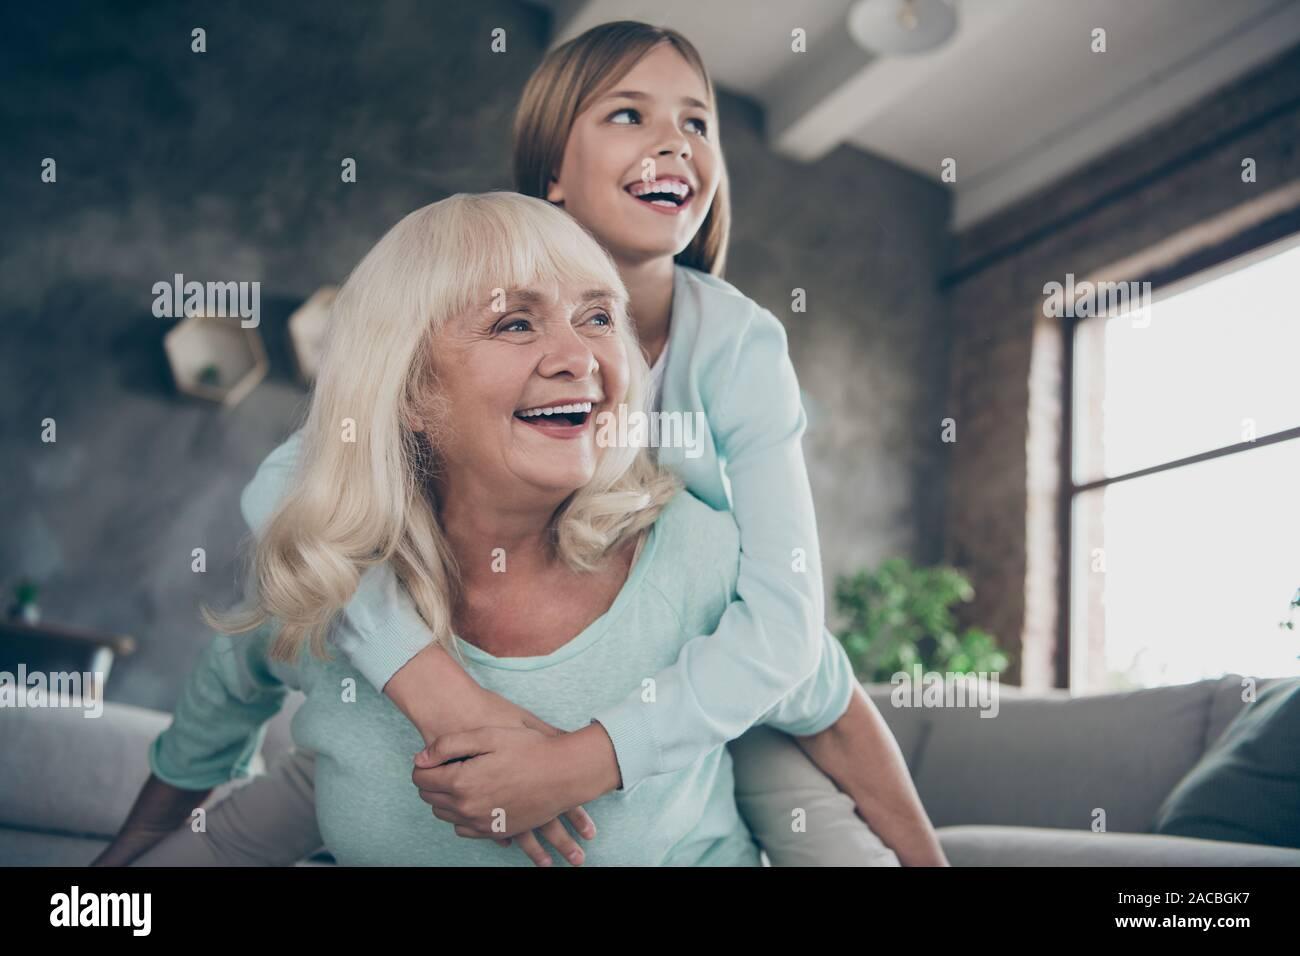 Angolo basso visualizza foto di due migliori amici gente carina età granny piccola ragazza nipote abbraccio piggyback giocare gioco divertente trascorrere il fine settimana insieme house Foto Stock